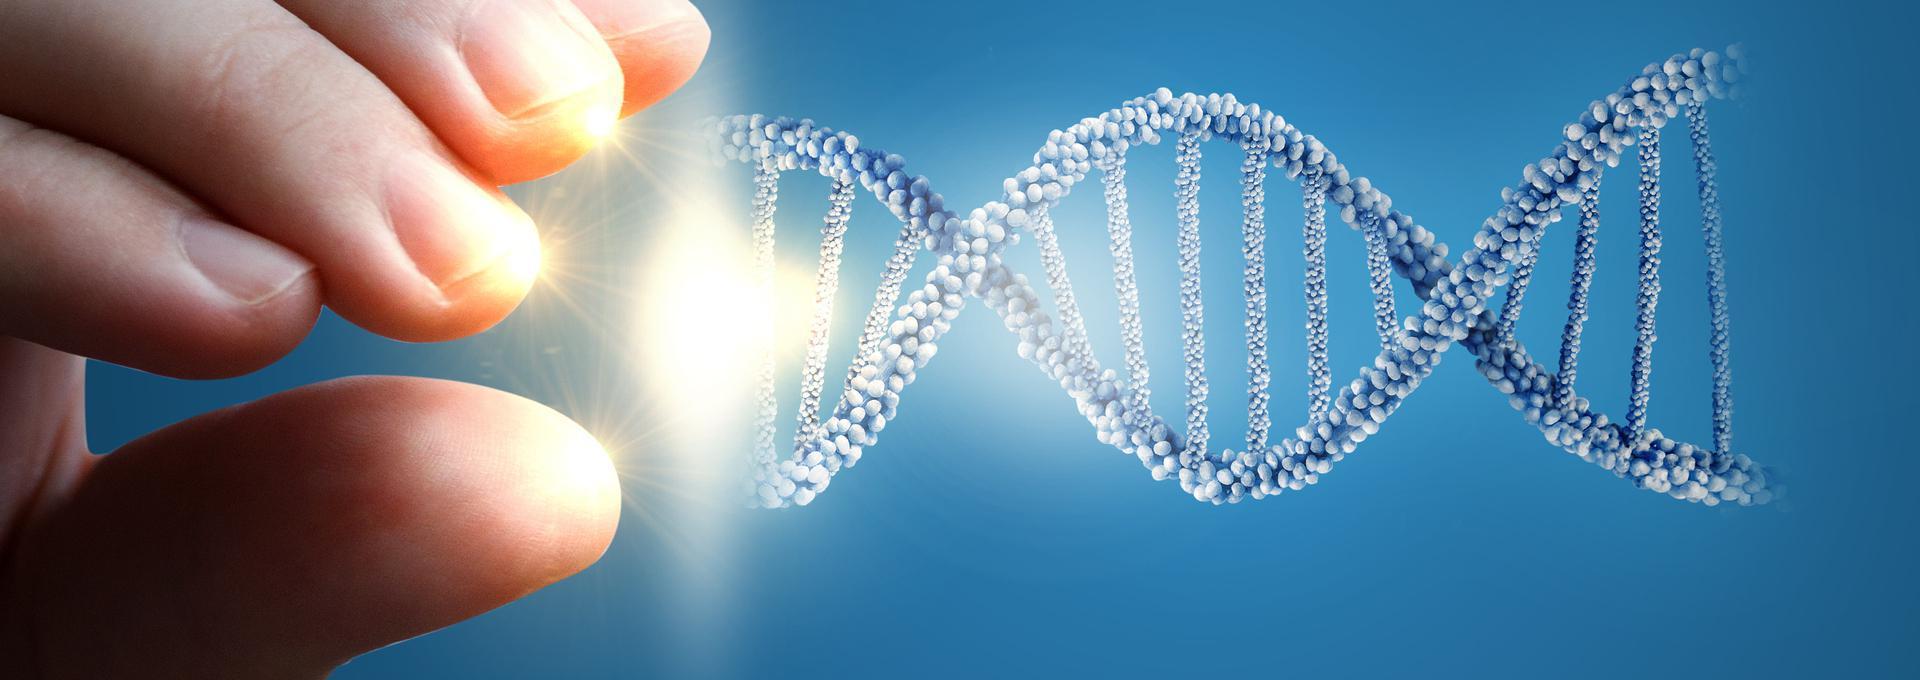 Alternative Specimen DNA Test - info-hero